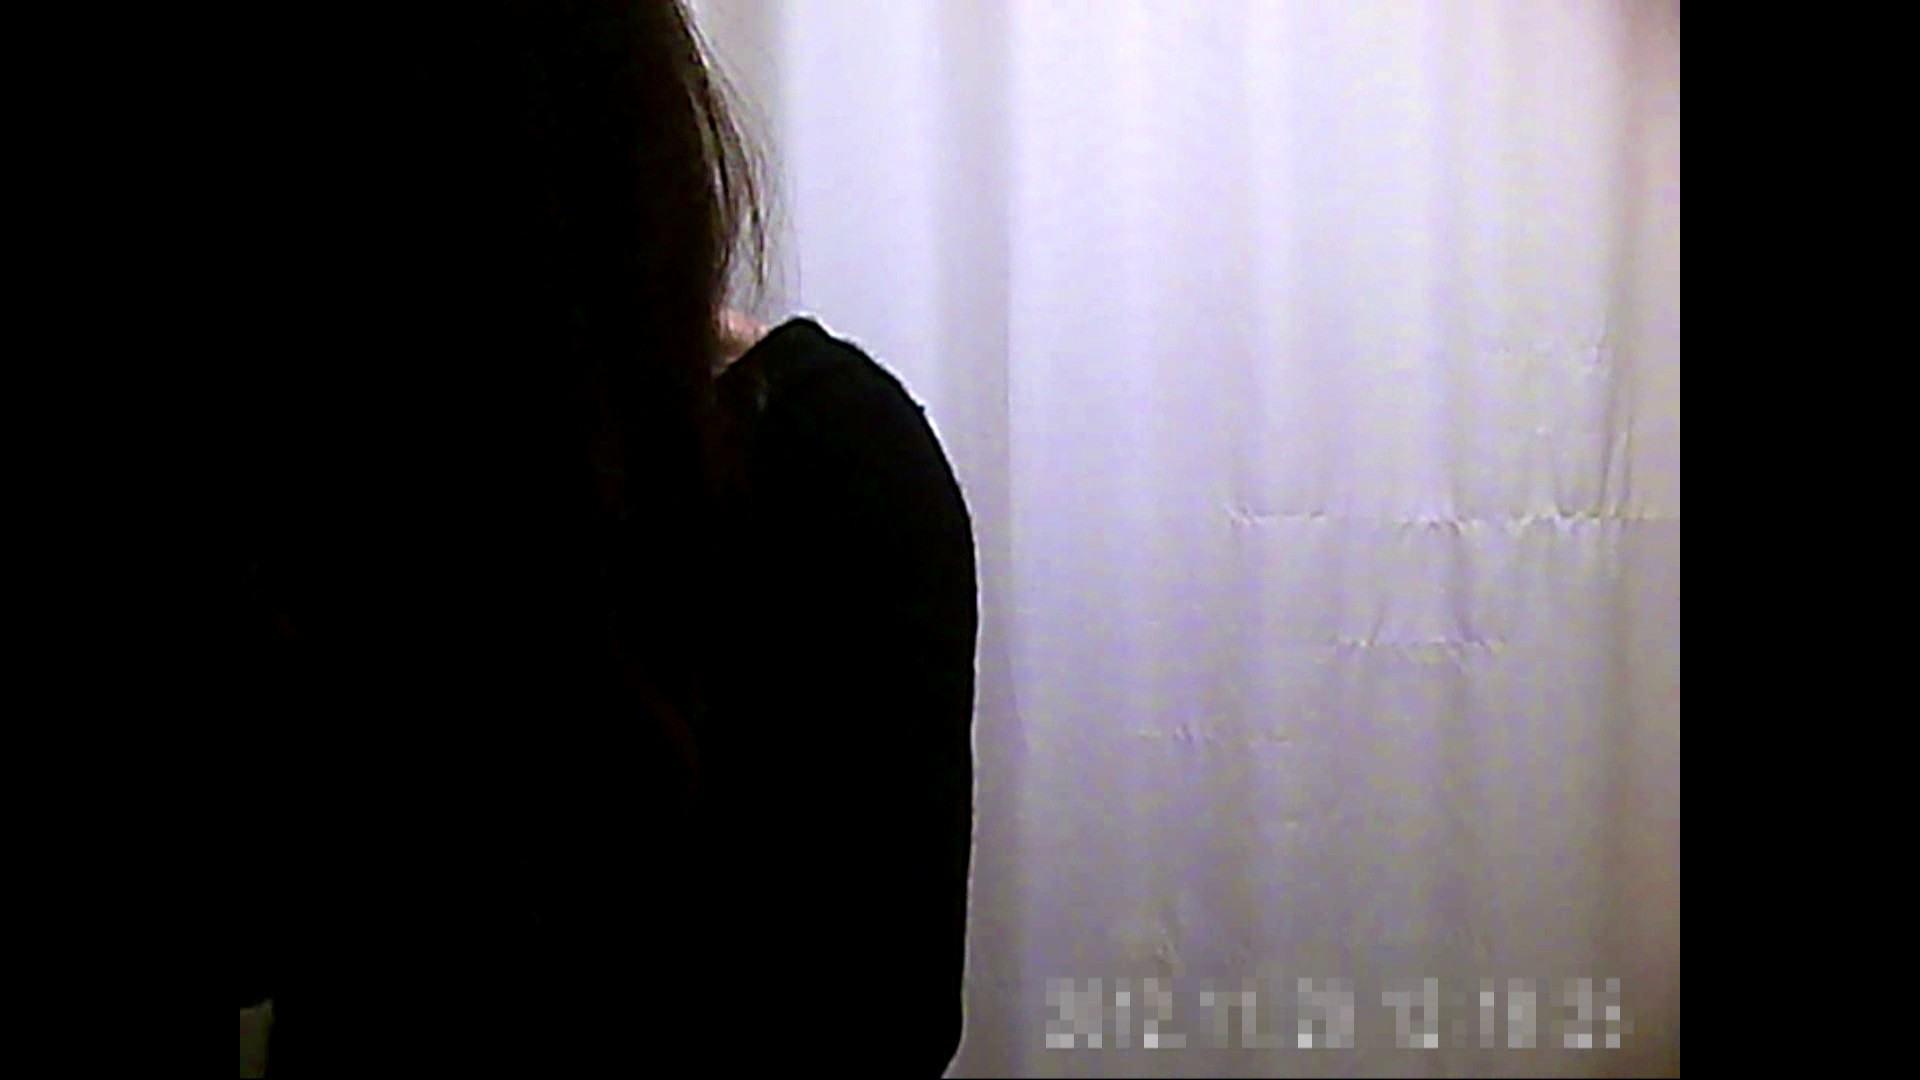 病院おもいっきり着替え! vol.155 貧乳 隠し撮りオマンコ動画紹介 88pic 69